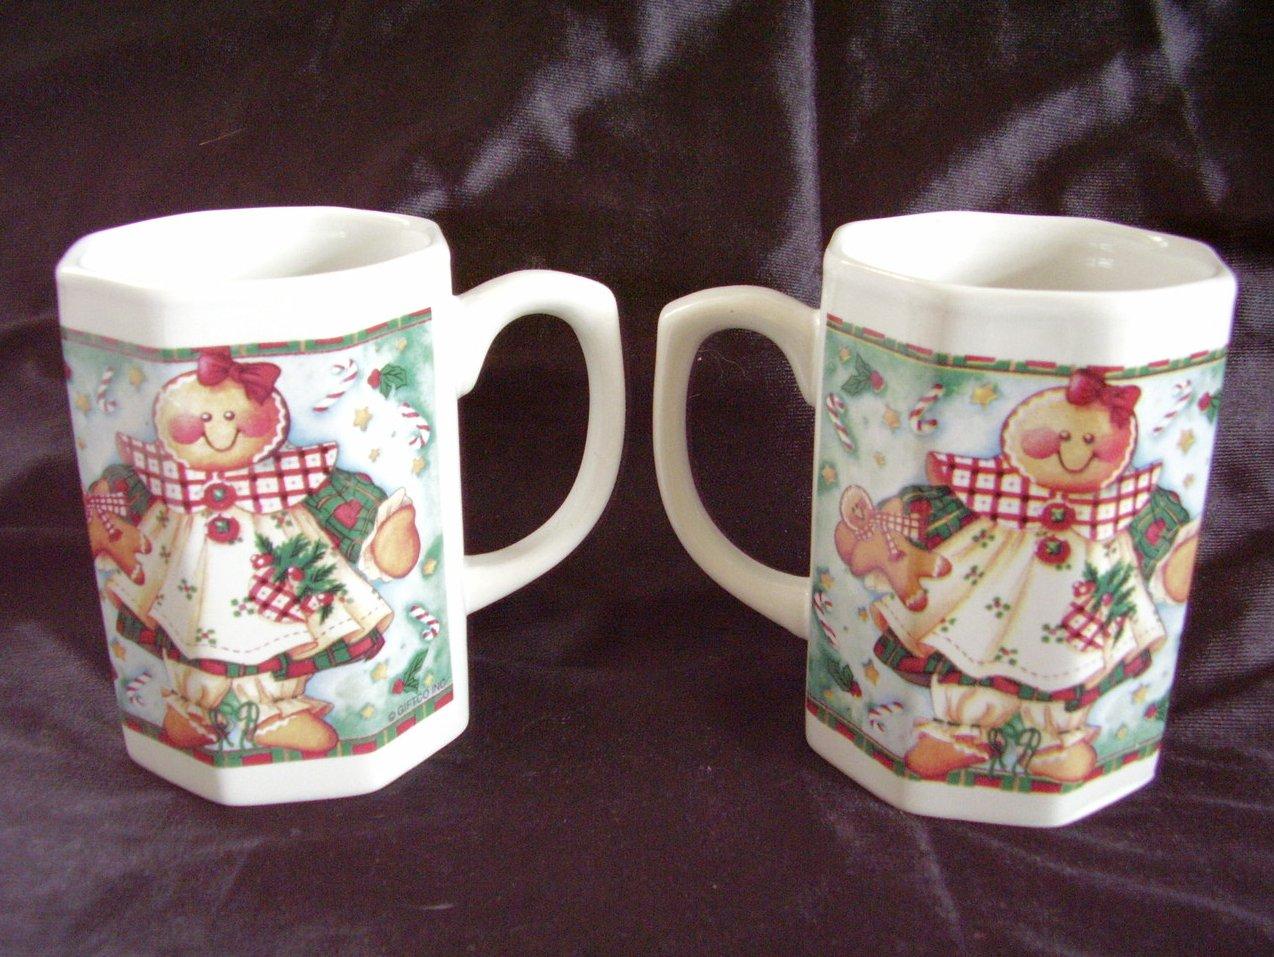 '.2 Ceramic Christmas mugs.'